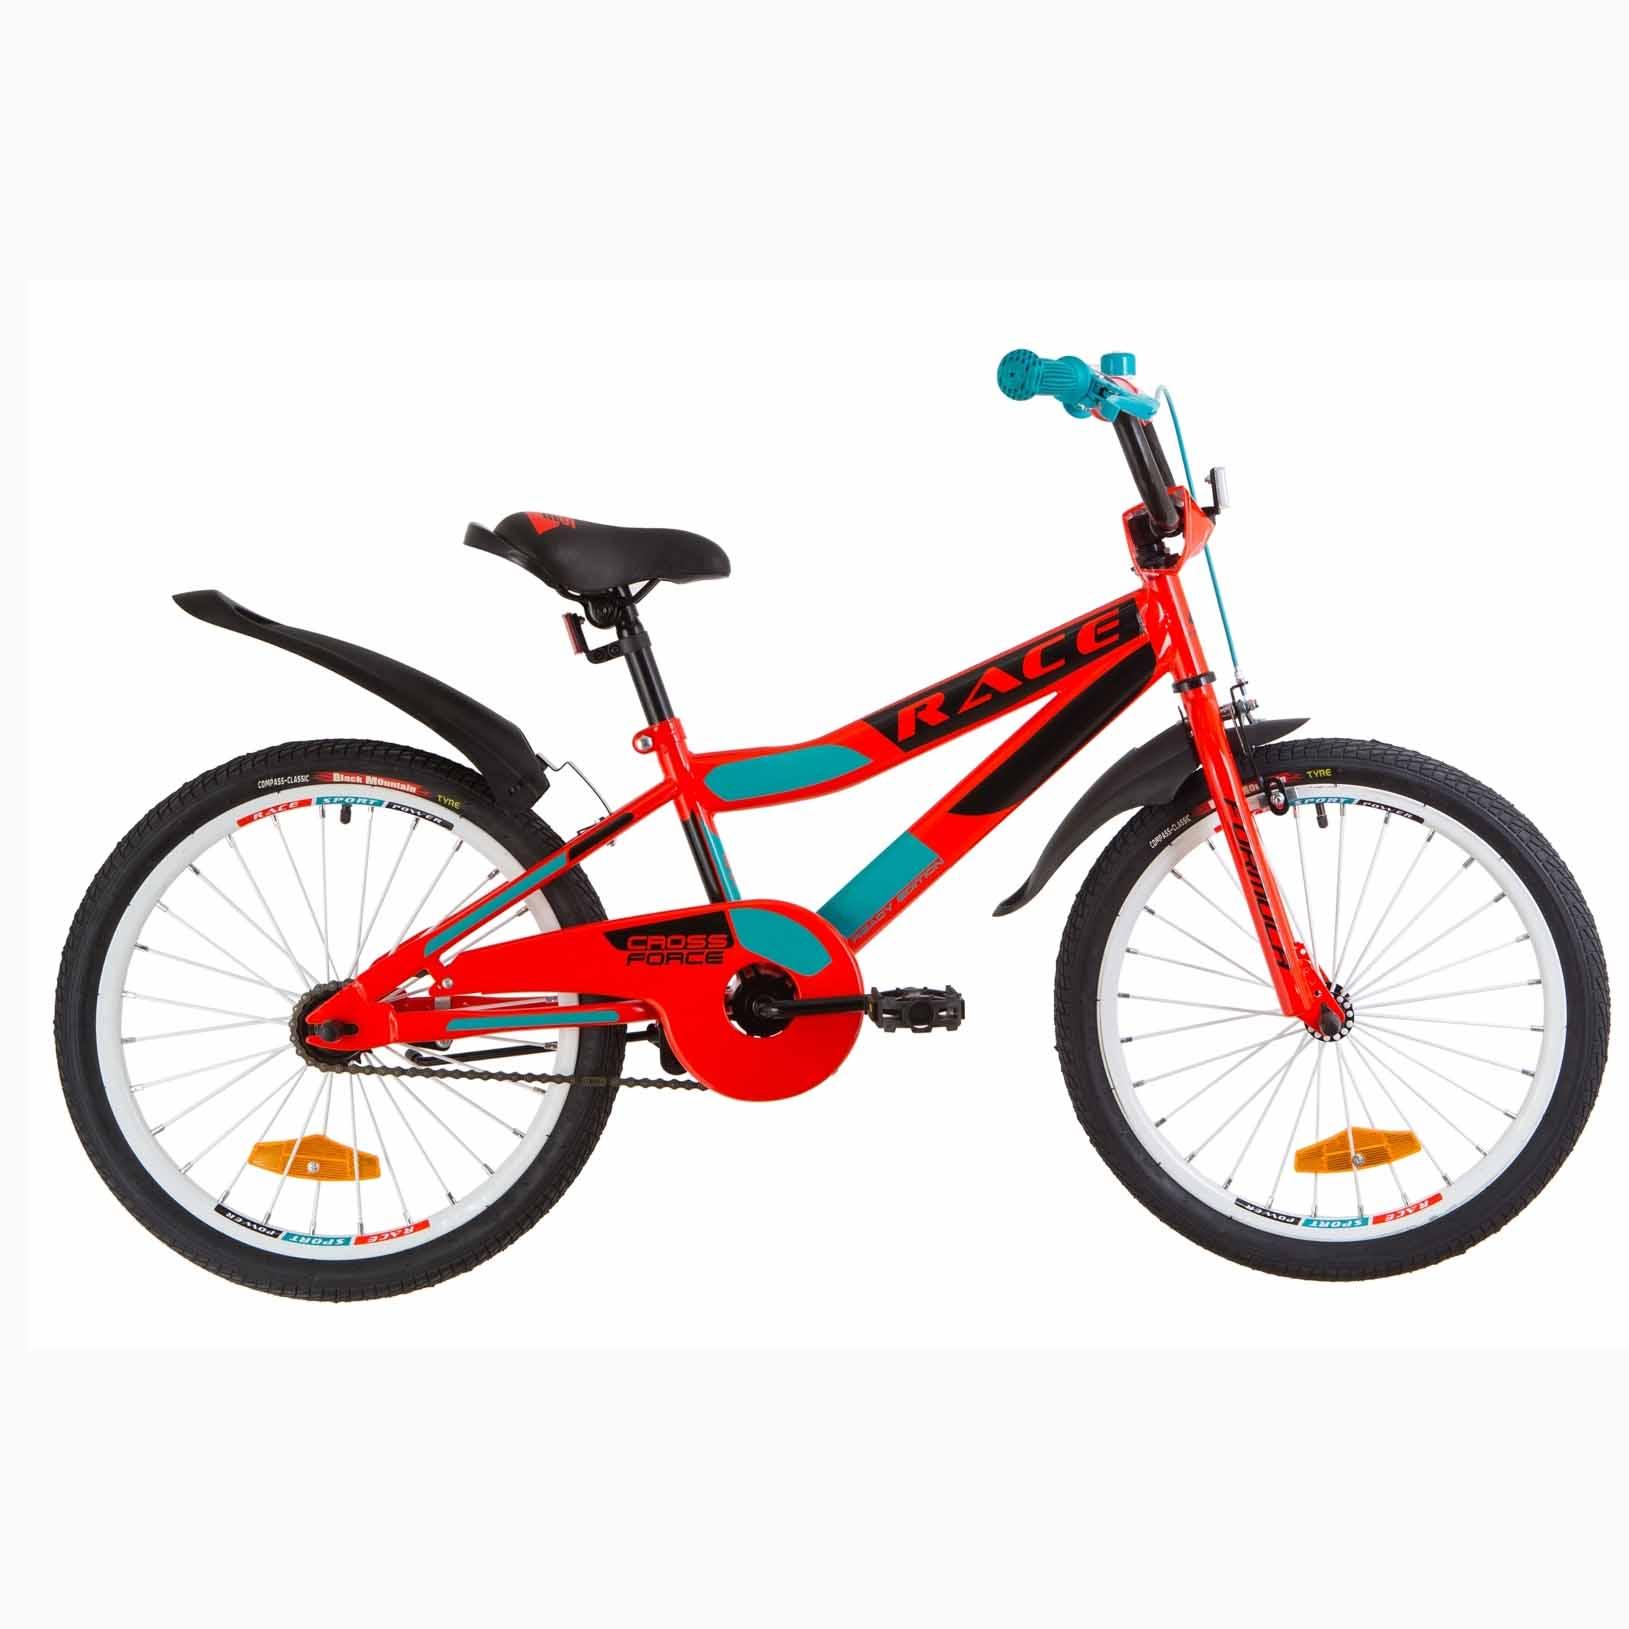 Фото Детский Велосипед 20 Formula RACE  усилен.  красно-бирюзовый  2019